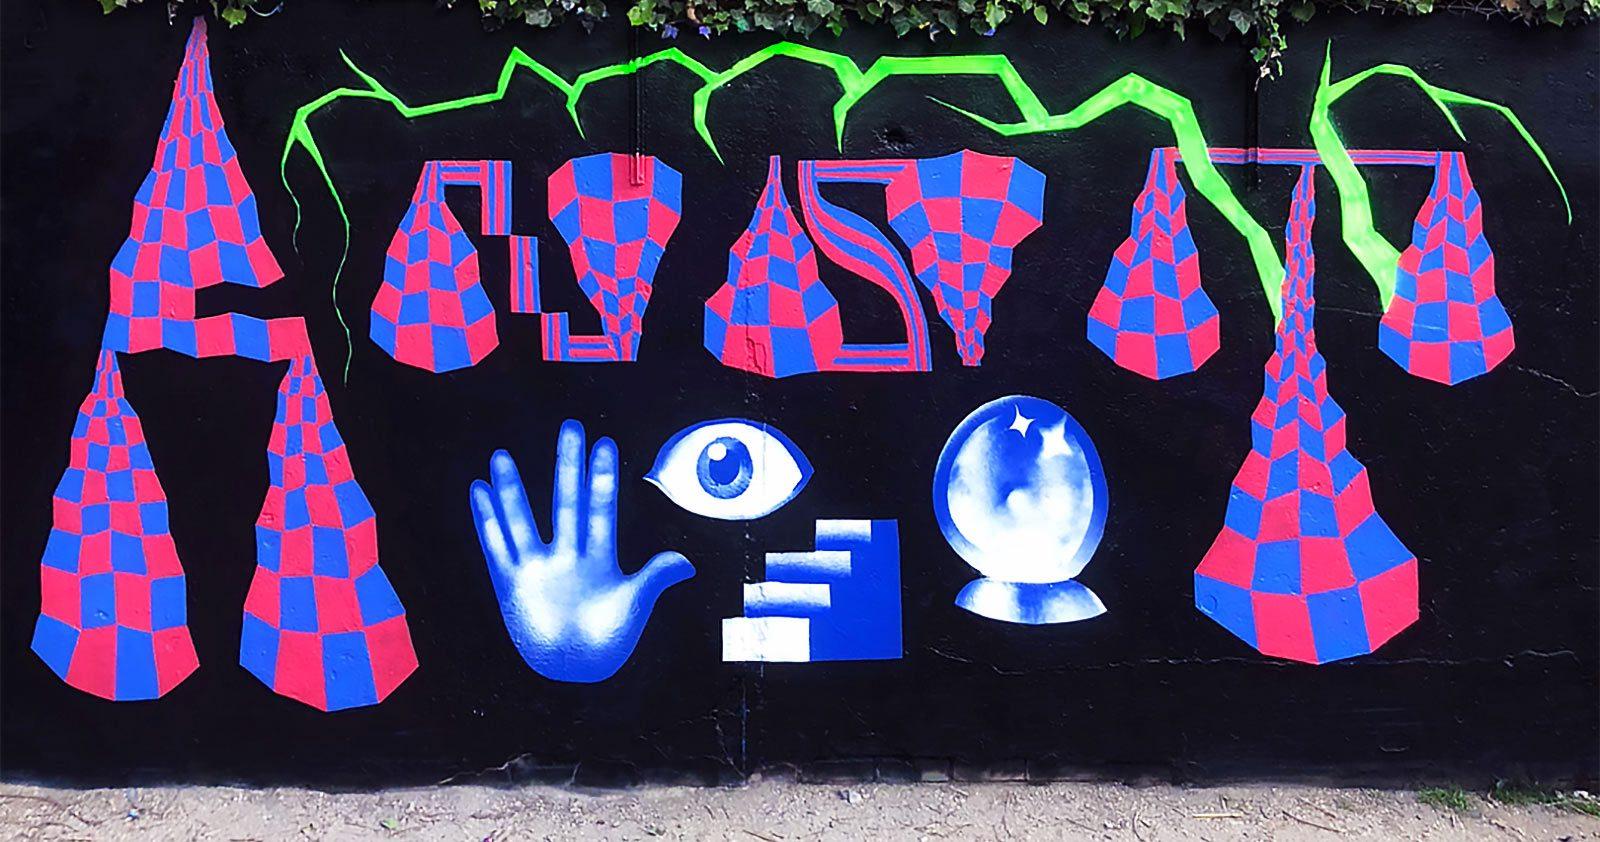 Ernest Illm, à la croisée du Graffiti et des Arts Numériques